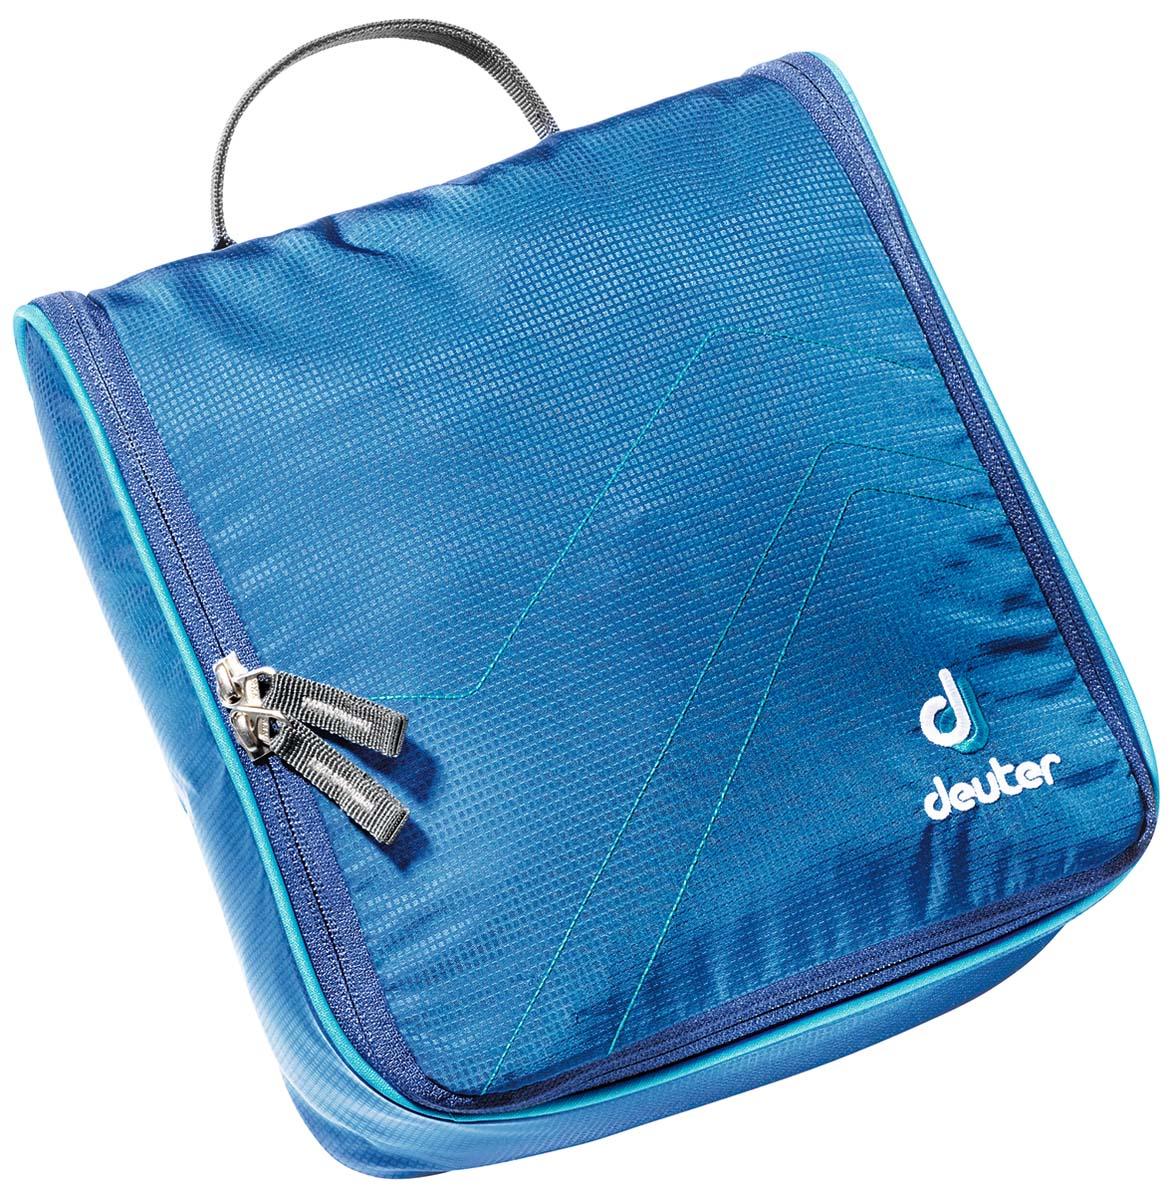 Косметичка Deuter Accessories Wash Center II, цвет: светло-голубой, бирюзовый, 25 см х 24 см х 9 см39464_3306Дорожная косметичка Deuter Accessories Wash Center II , выполненная из полиамида и полиэстера, незаменима в путешествиях и командировках. Косметичка содержит большое центральное отделение с тремя сетчатыми карманами, два кармана на молнии, сетчатый карман на молнии, а также съемное внутреннее отделение с дополнительным крючком. Застегивается на молнию с двойным бегунком по всему периметру. Изделие снабжено текстильной петлей для подвешивания. Стильная дорожная косметичка станет практичным аксессуаром, который идеально дополнит ваш образ.